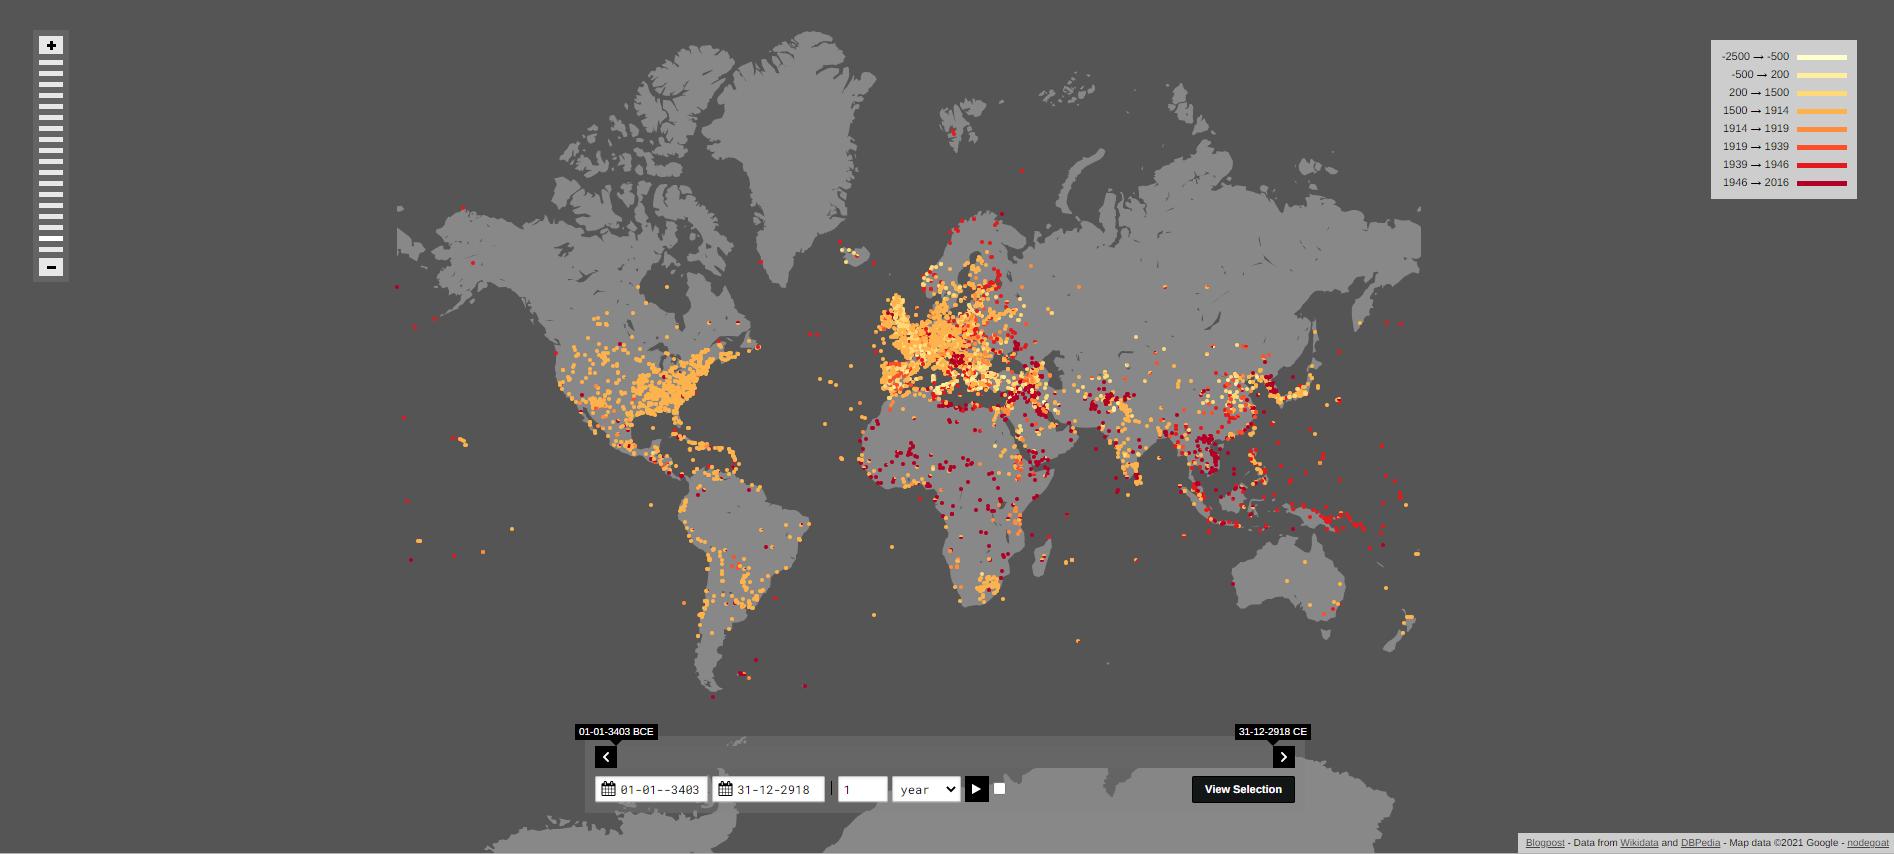 Карта сражений за тысячи лет